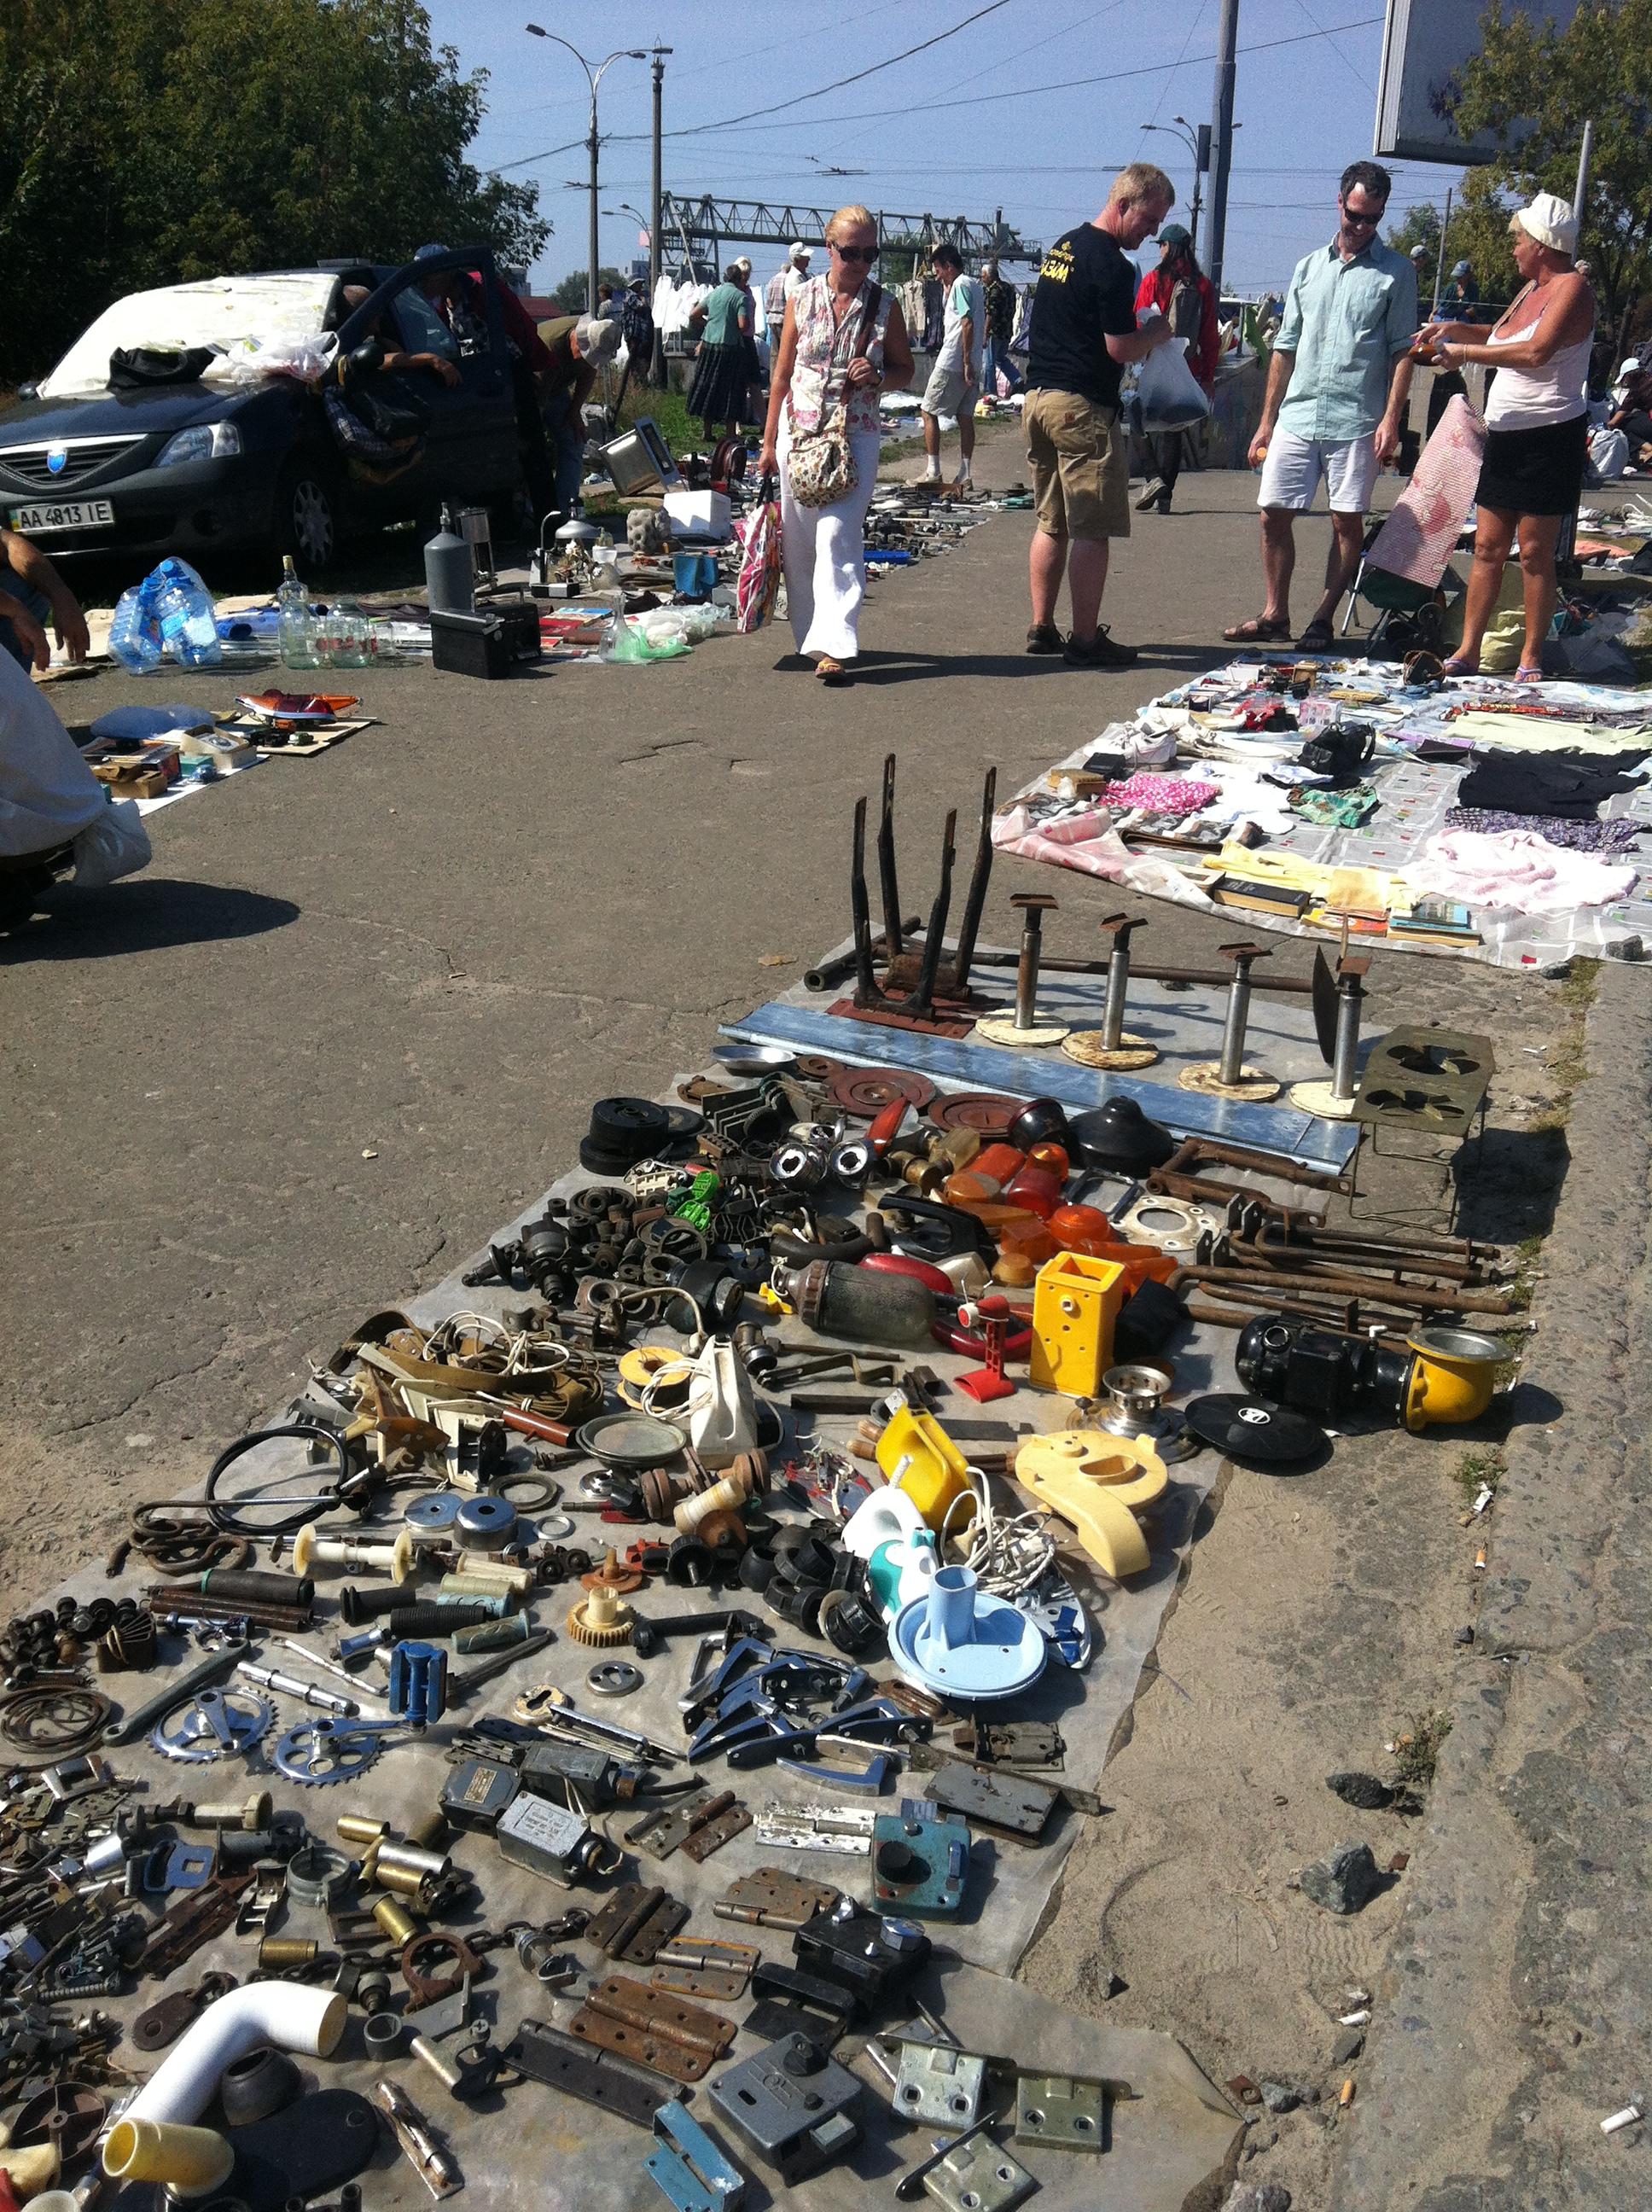 An outdoor bazaar in Ukraine.